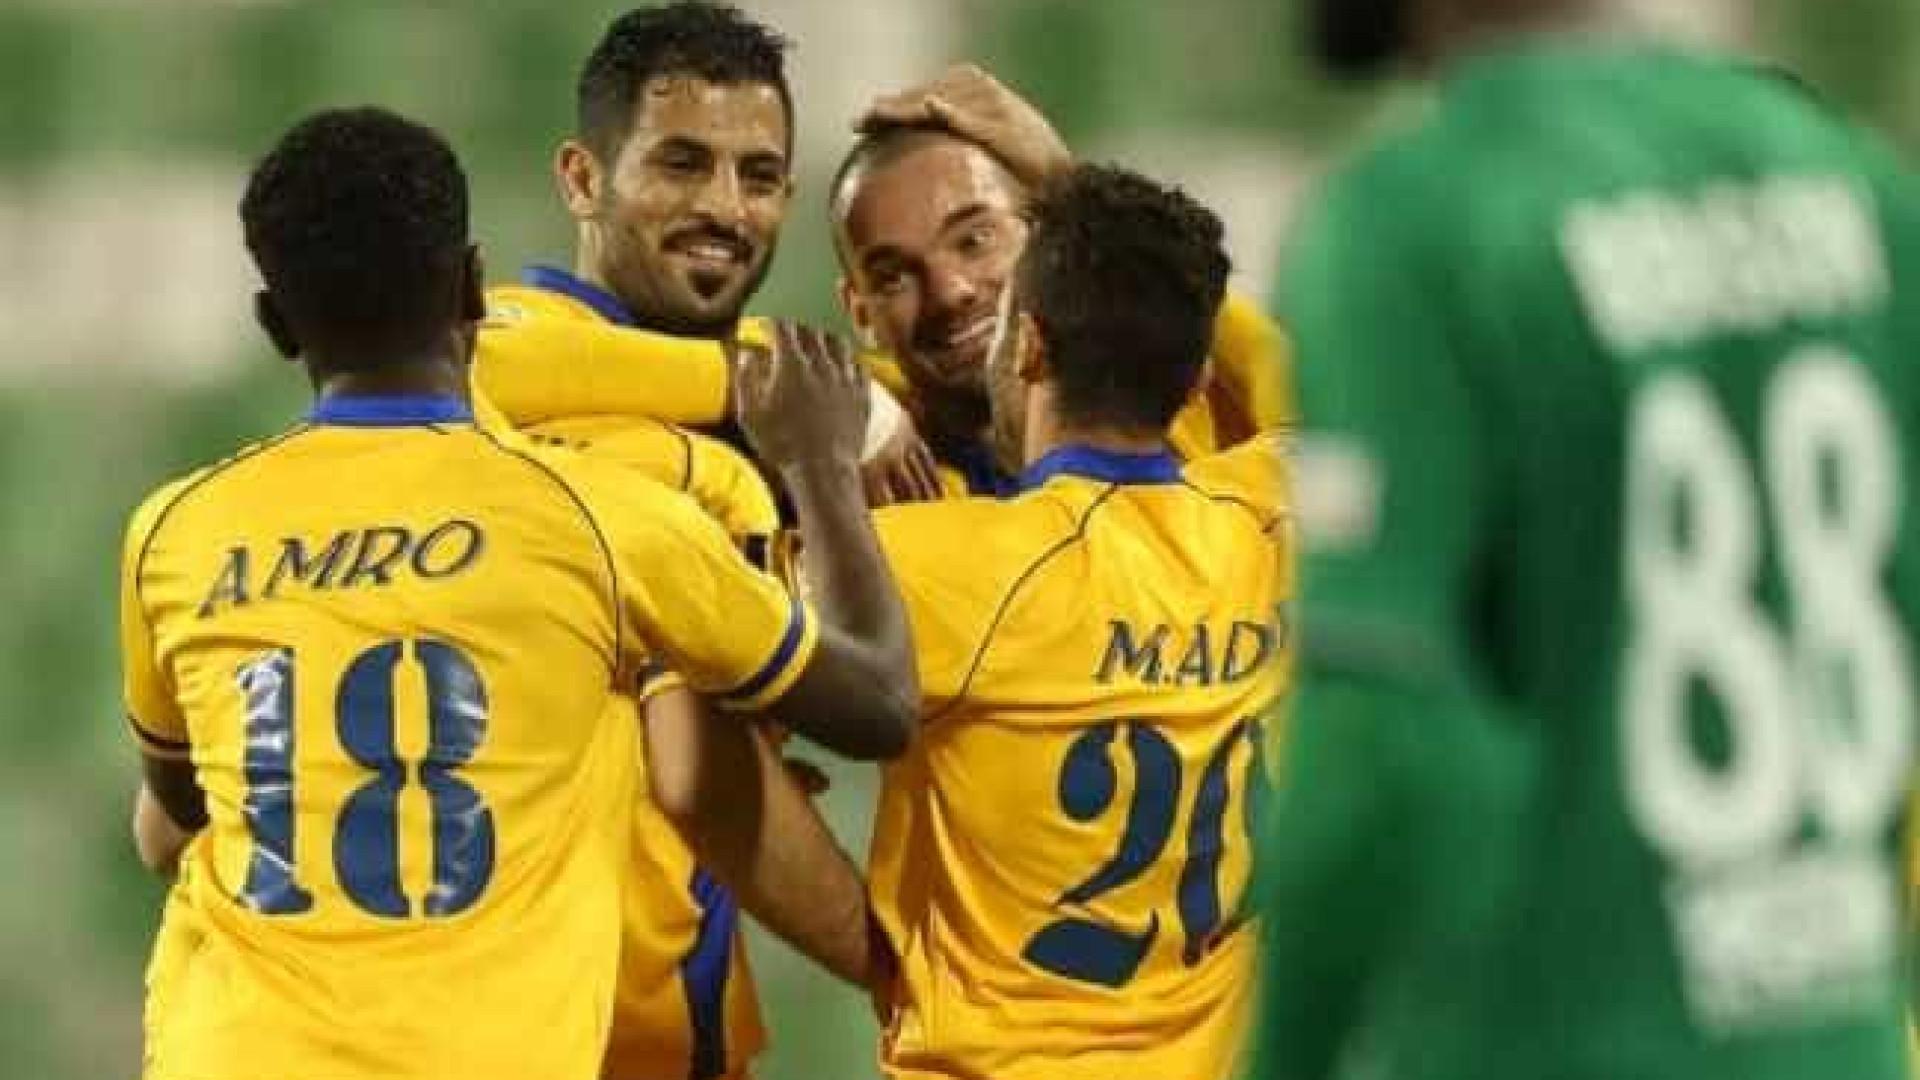 Algoz do Brasil estreia com vitória no Catar